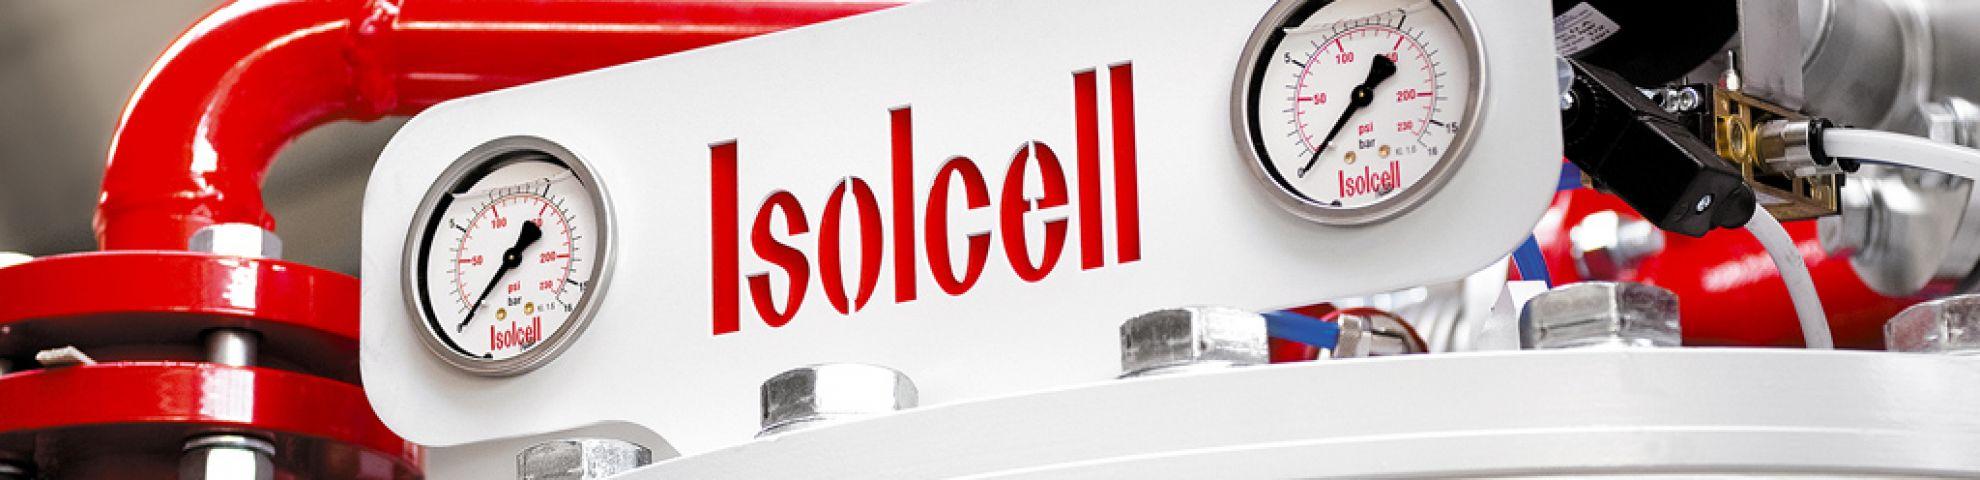 Til Isolcell